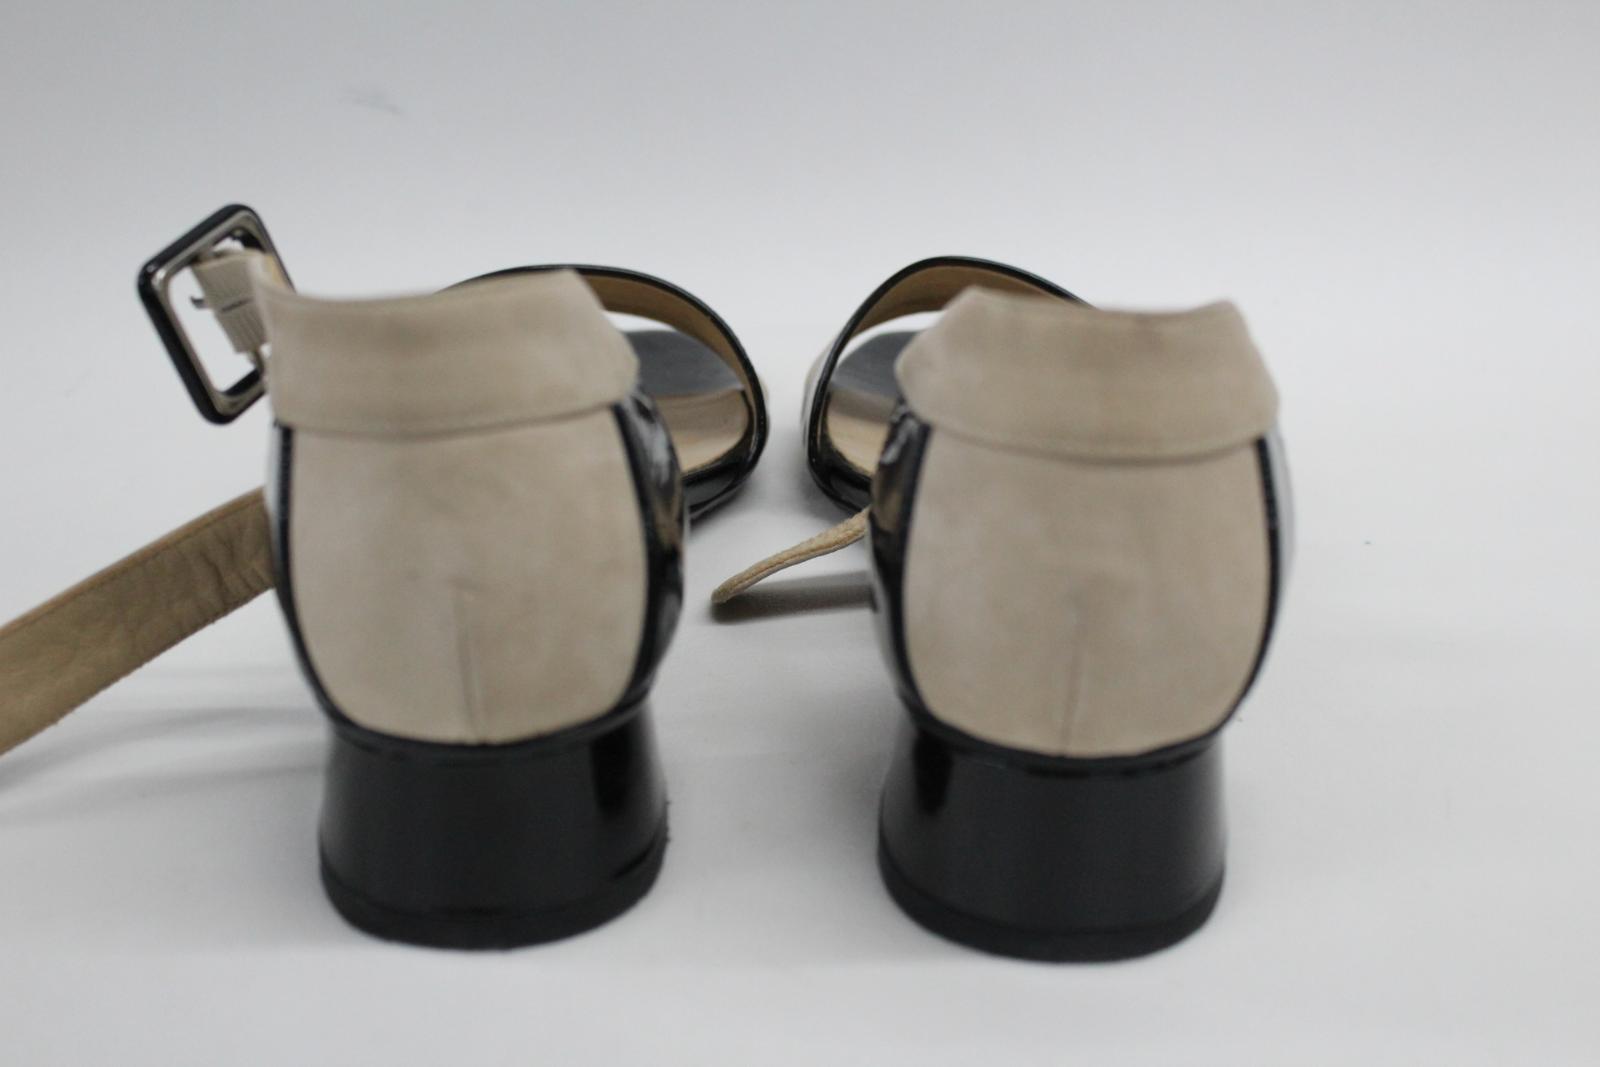 AUDLEY-London-Ladies-Black-amp-Beige-Ankle-Strap-Mid-Heel-Sandal-Shoes-EU39-UK6 thumbnail 4